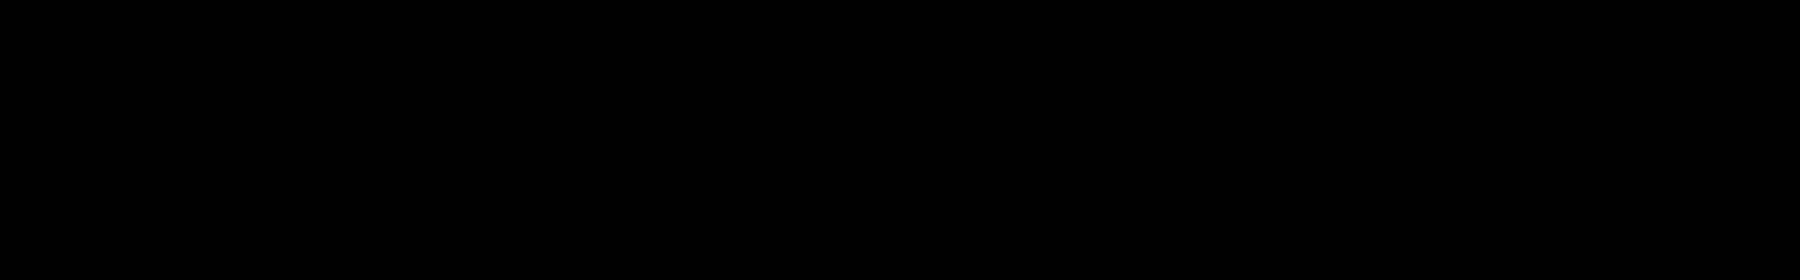 Global Reggaeton audio waveform